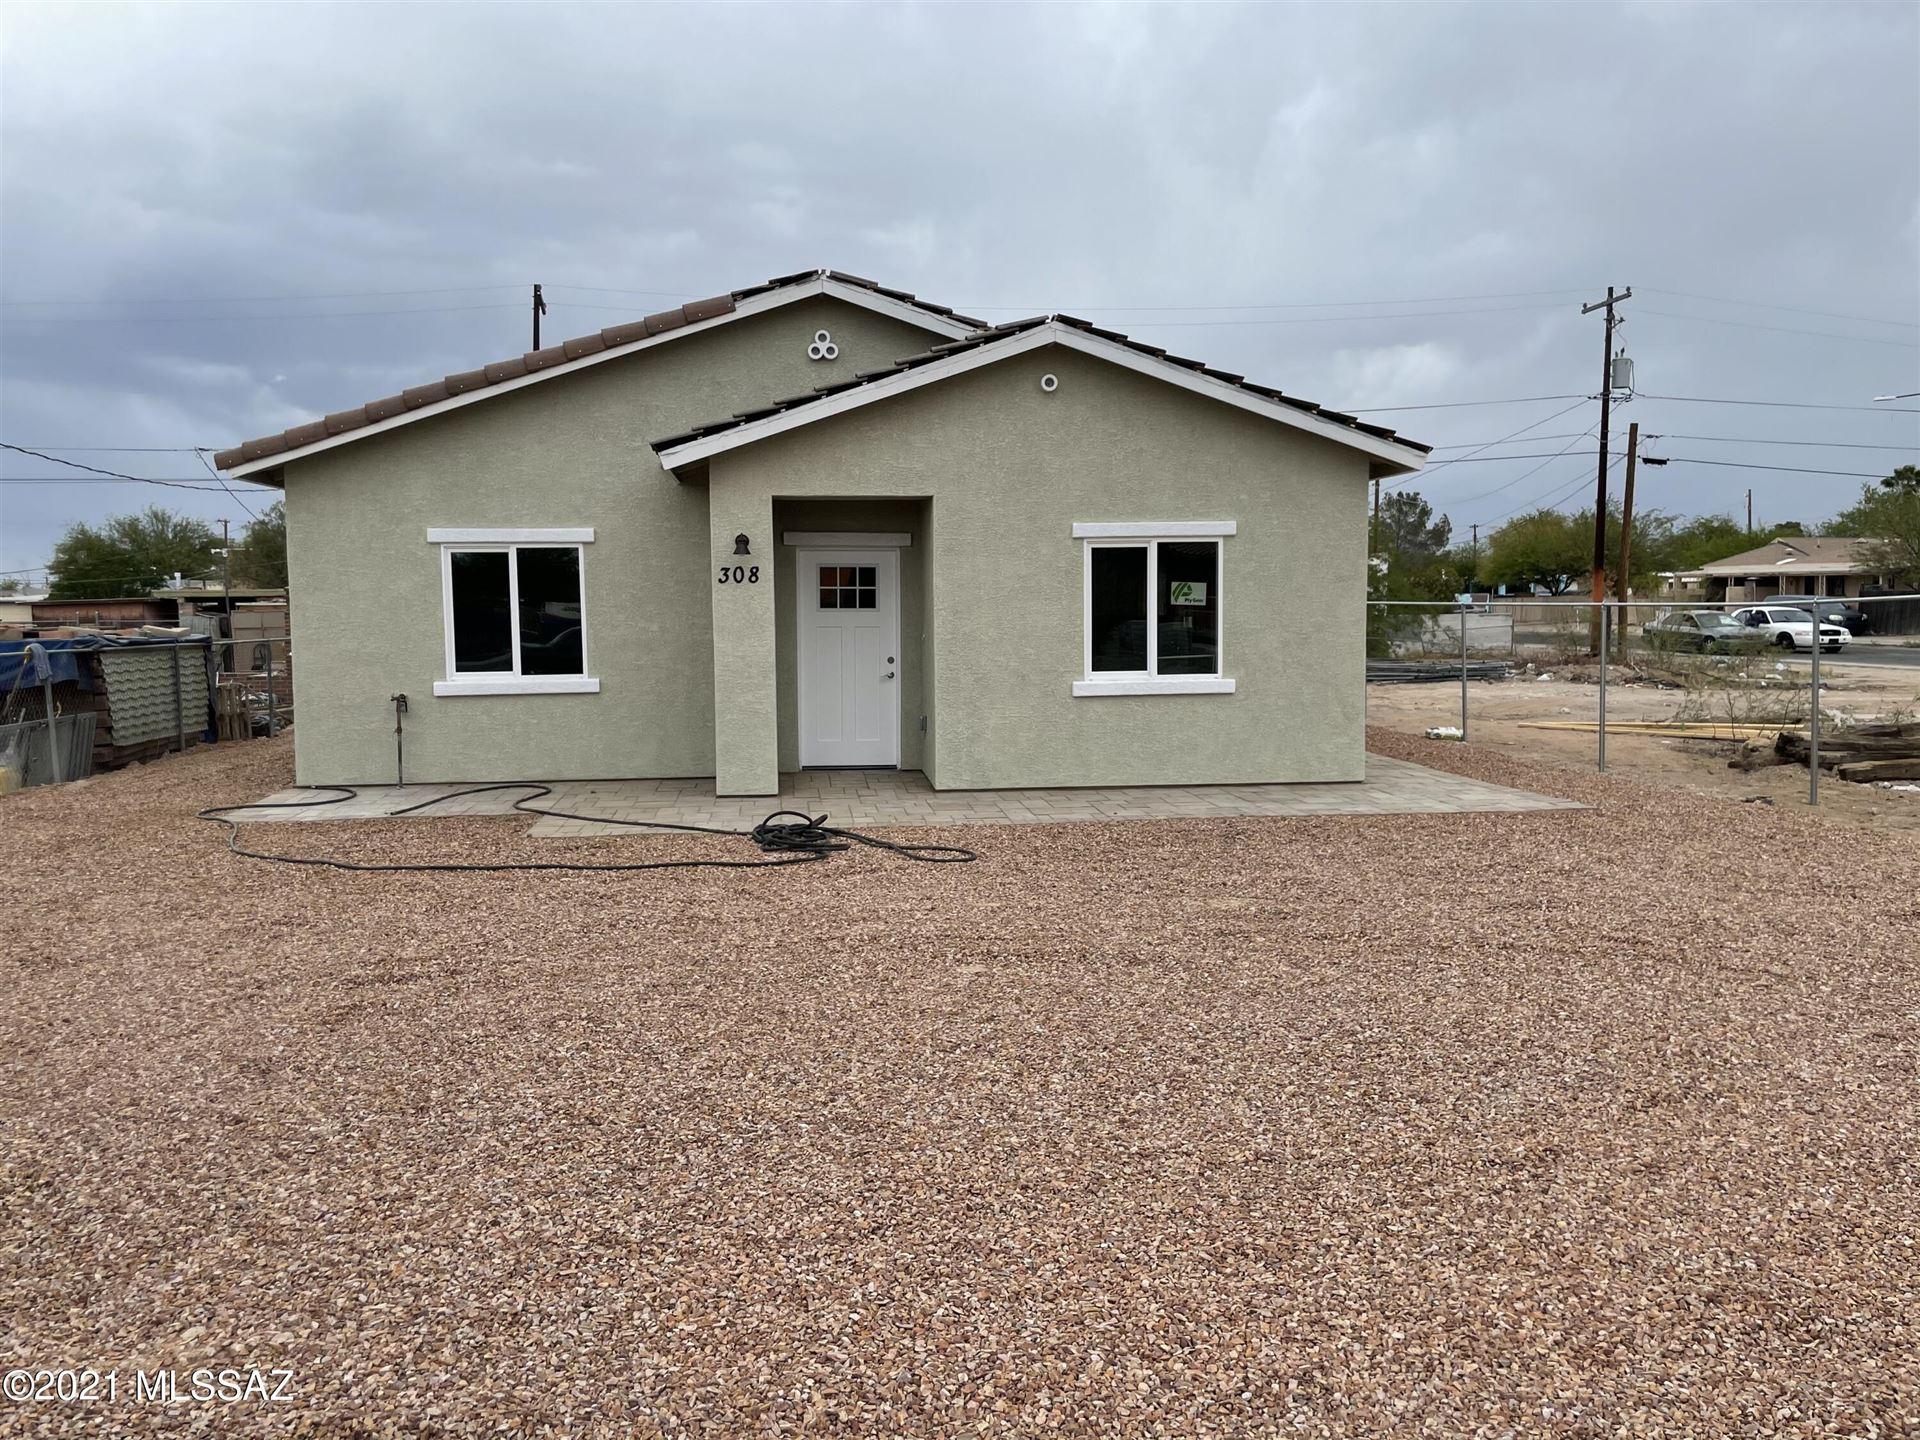 946 W Calle Arizona, Tucson, AZ 85705 - MLS#: 22110487